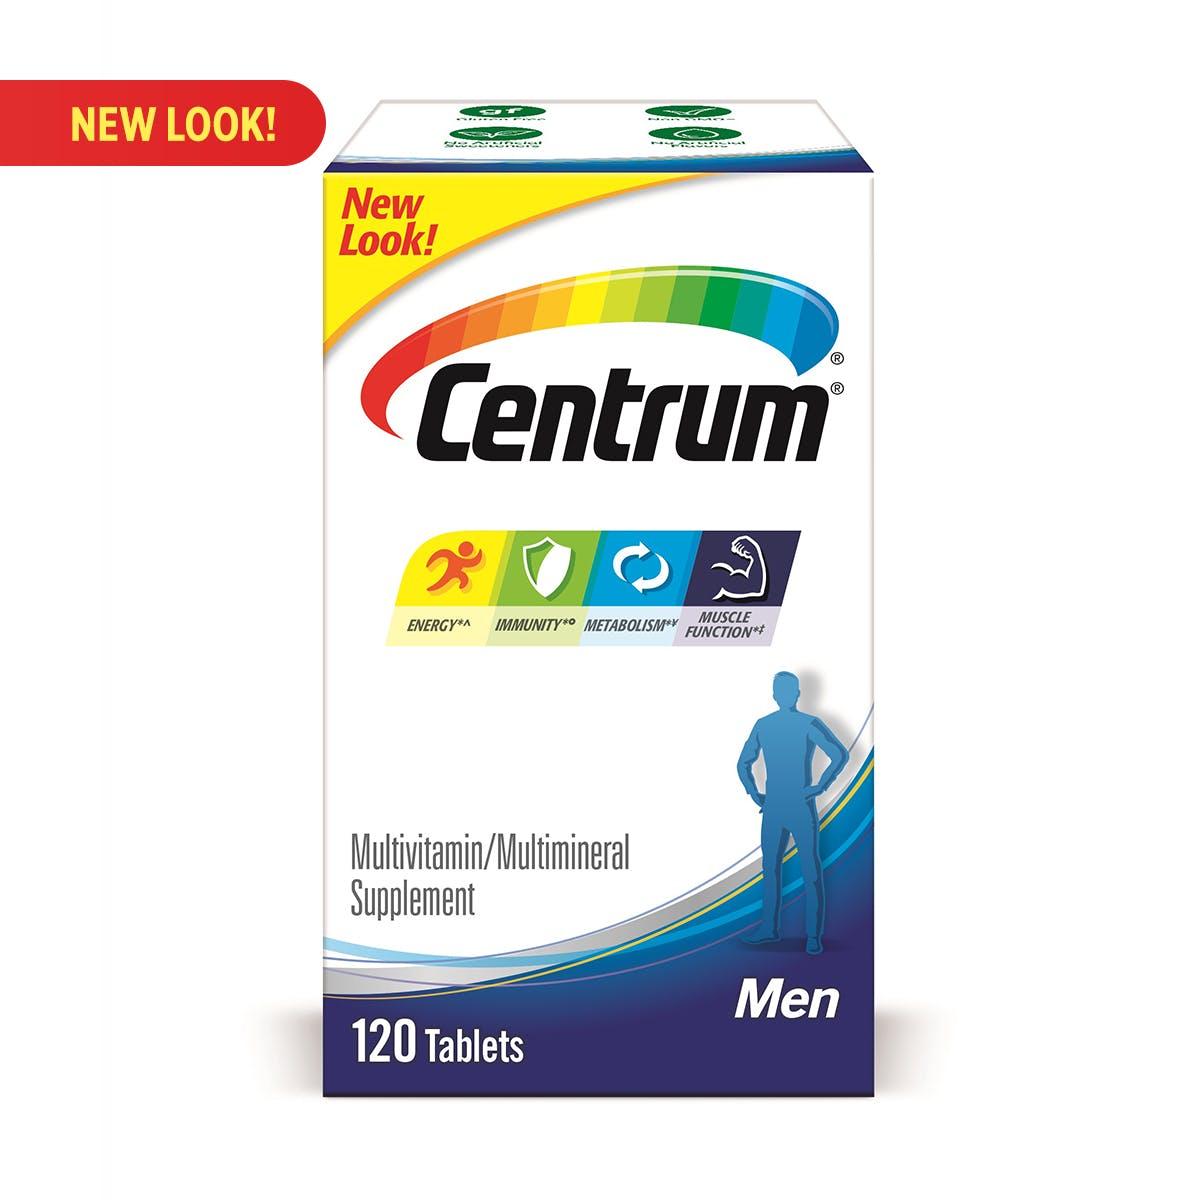 Box of Centrum Men multivitamins